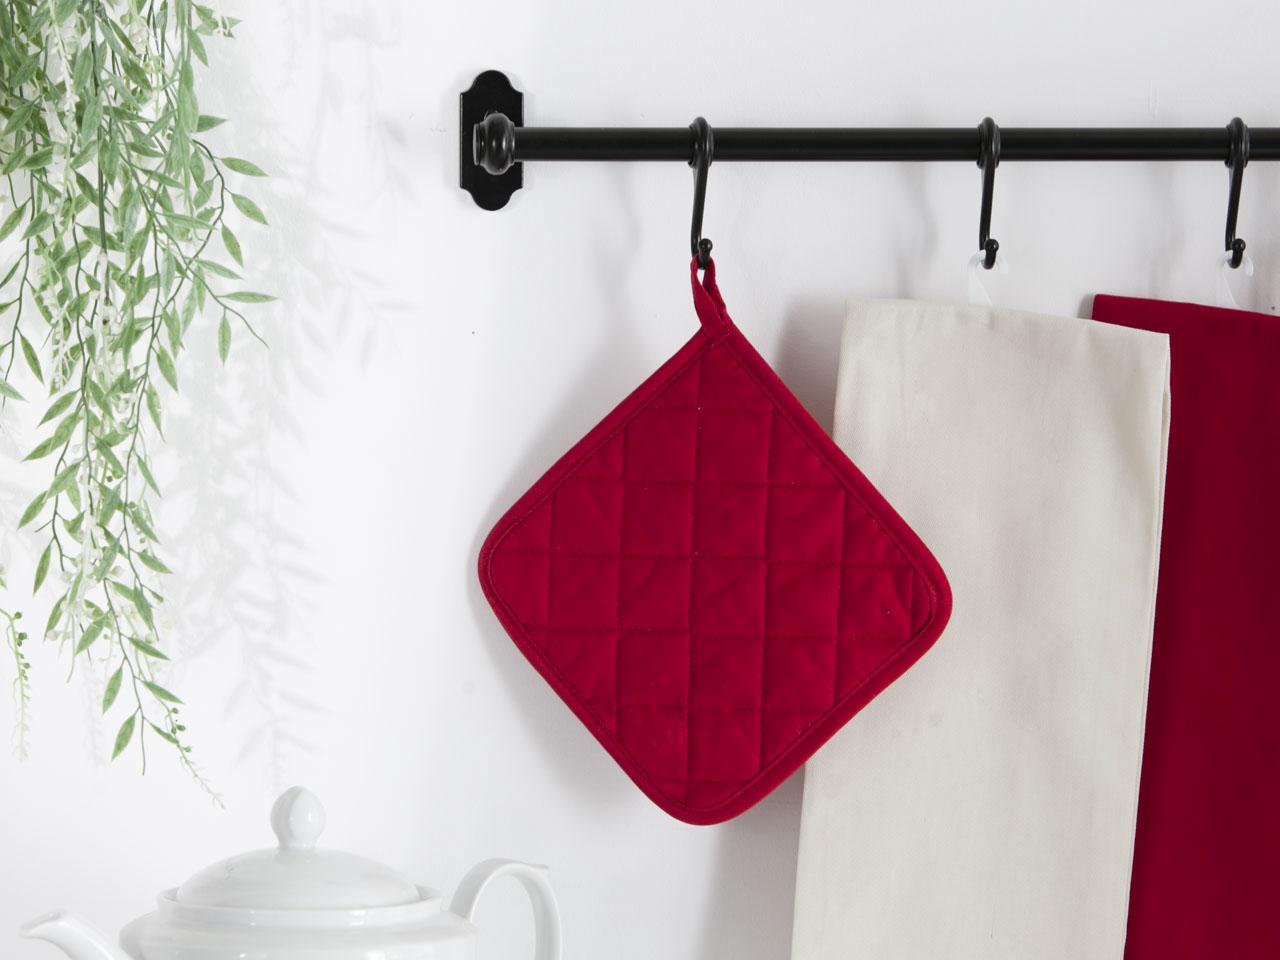 Łapka kuchenna 100% bawełna Altom Design kolekcja Monokolor czerwona